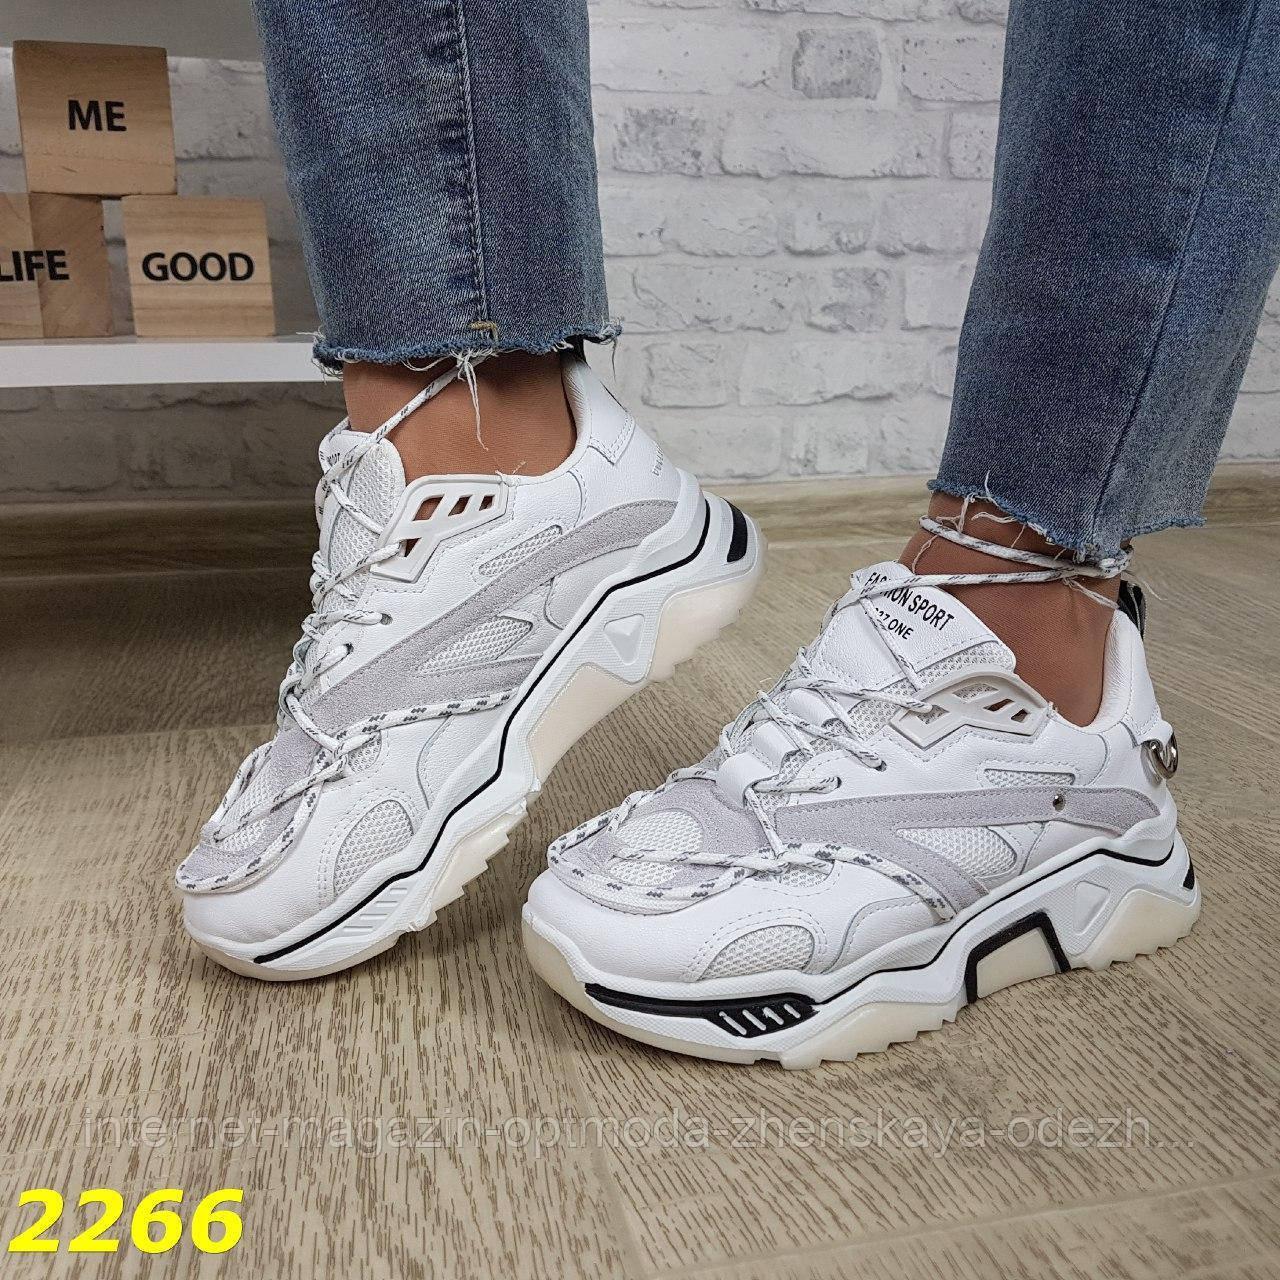 Белые кроссовки женские на массивной подошве на шнурках, эко-кожа и текстиль, маломерят